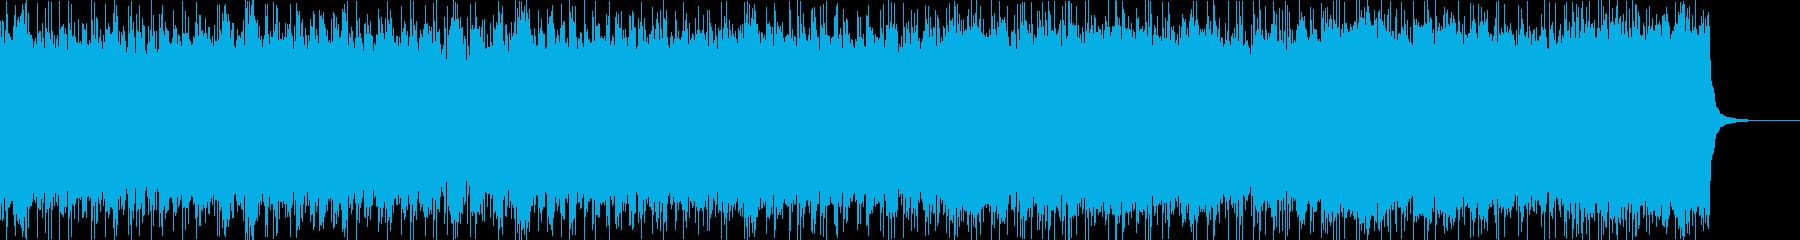 スリリングでドラマティックな戦闘曲の再生済みの波形